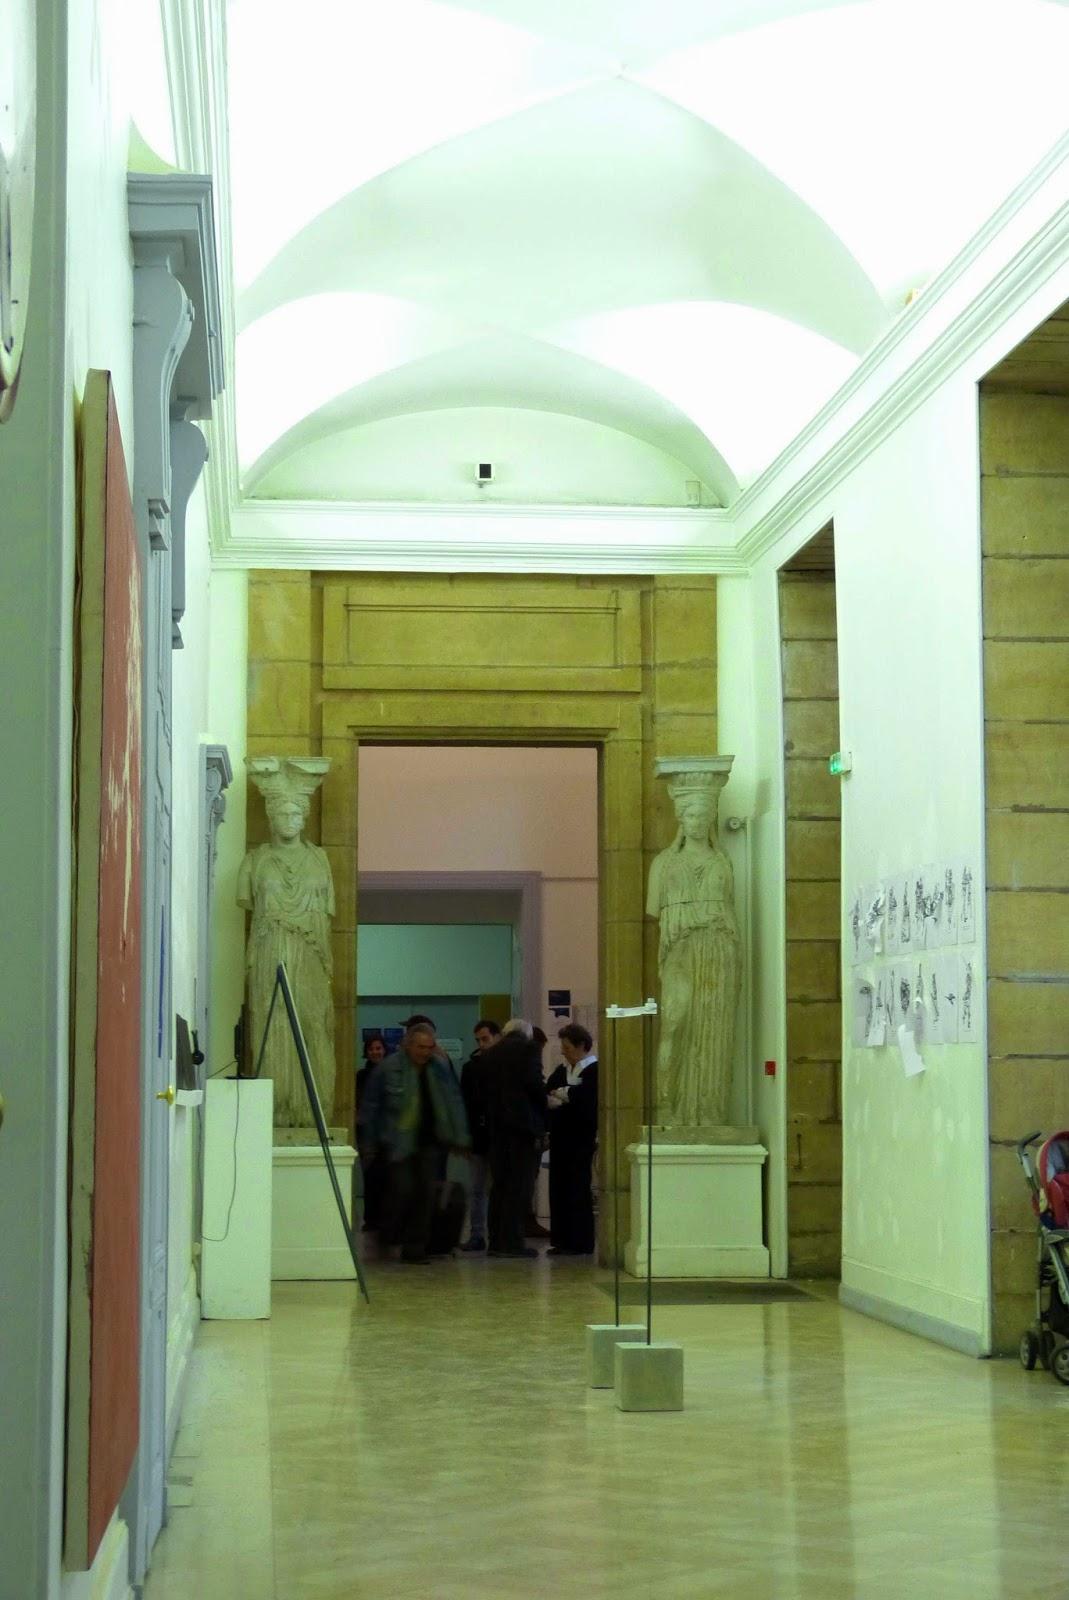 Truffe et compagnie portes ouvertes a l ecole sup rieure des beaux arts de dijon - Portes ouvertes beaux arts toulouse ...